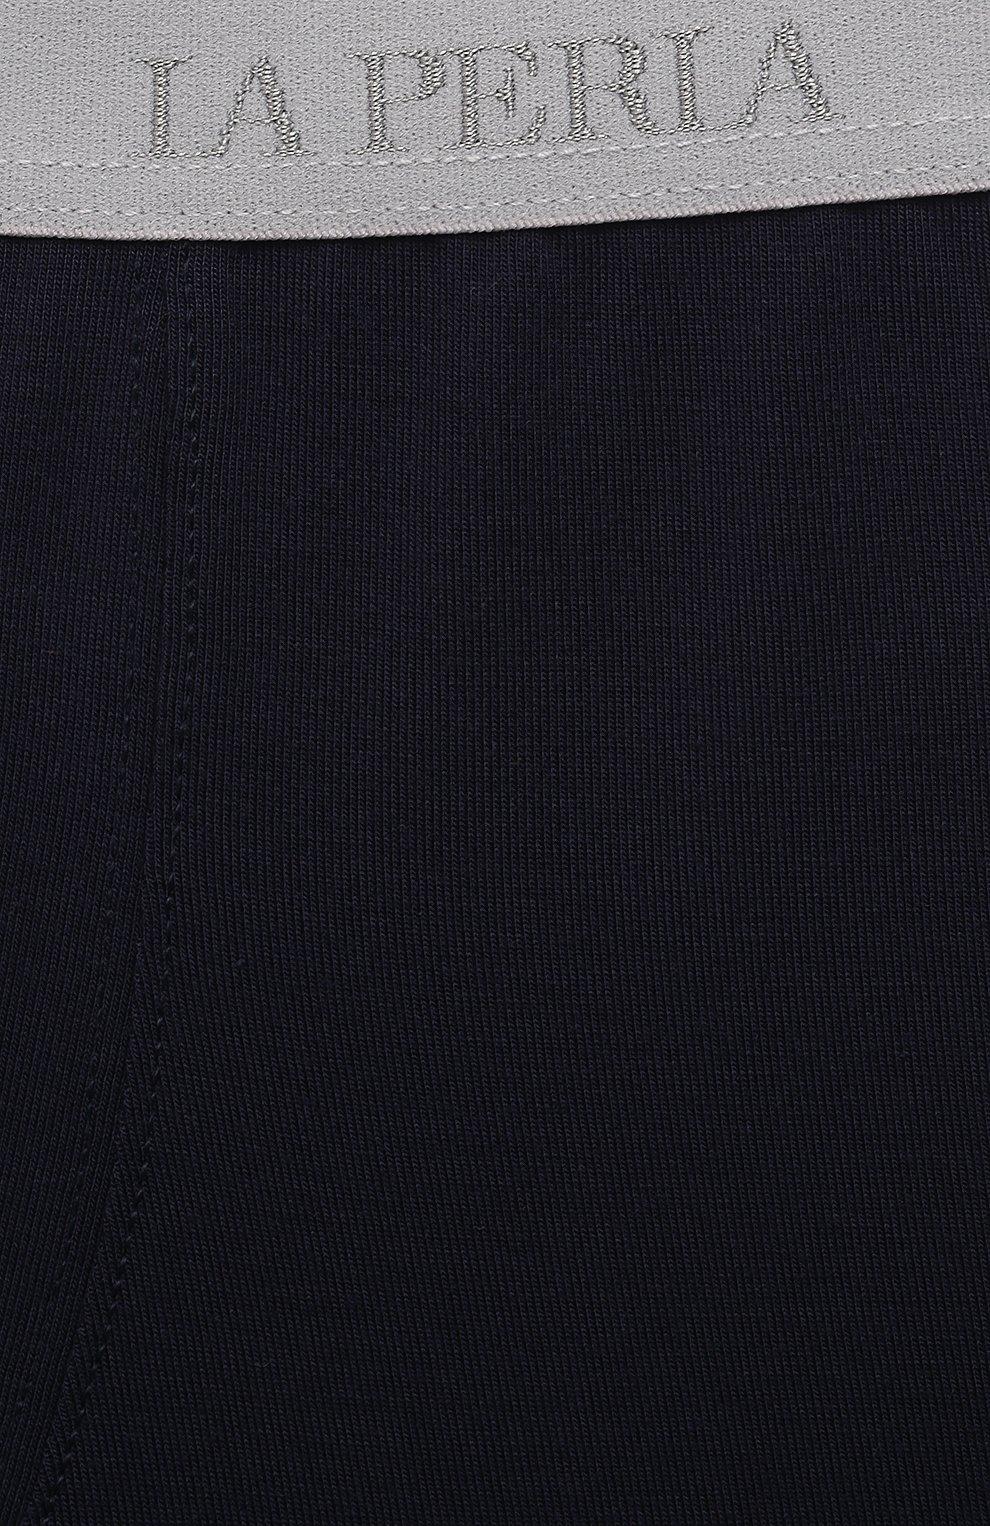 Детские трусы-боксеры LA PERLA темно-синего цвета, арт. 70168/2A-6A | Фото 3